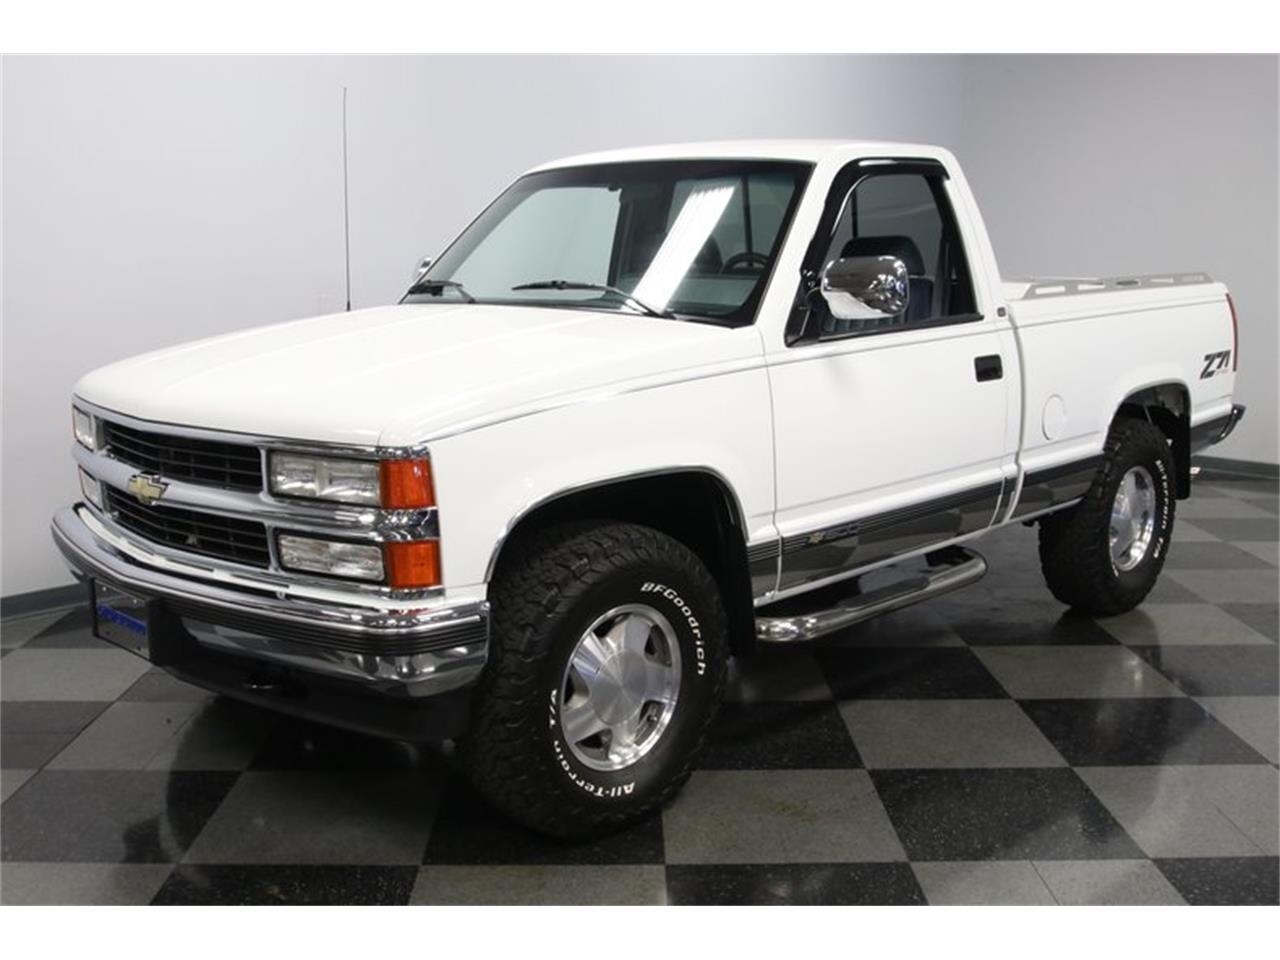 1994 Chevrolet Silverado (CC-1271415) for sale in Concord, North Carolina